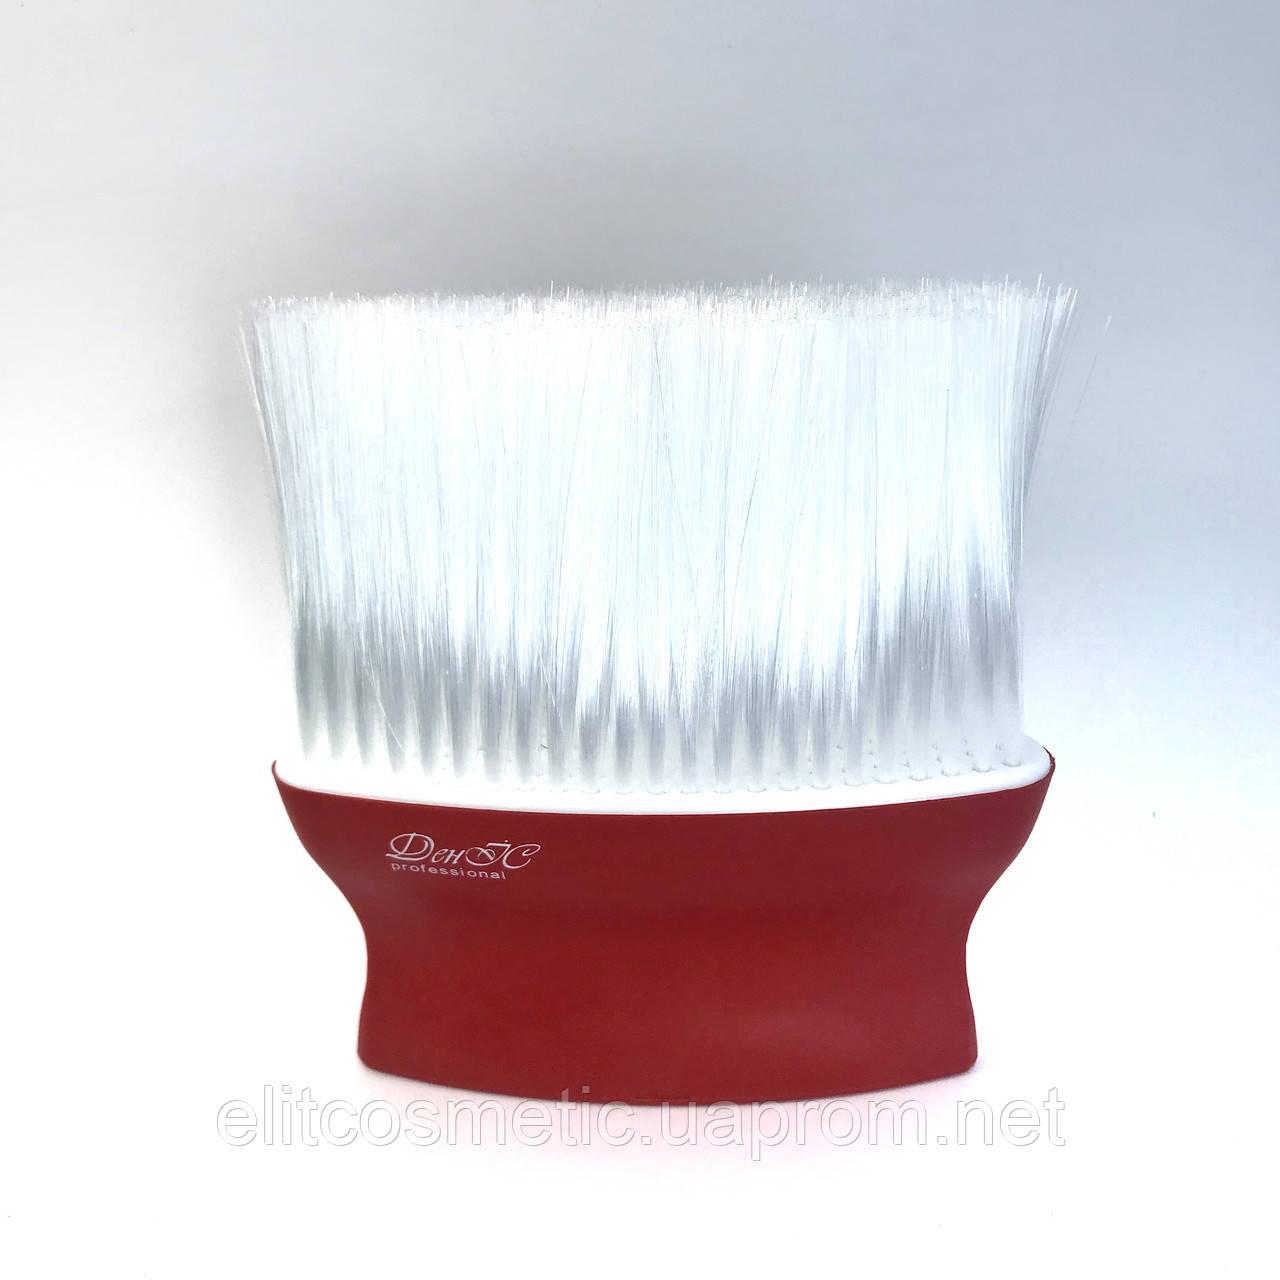 Сметка для волос DenIS professional ровная